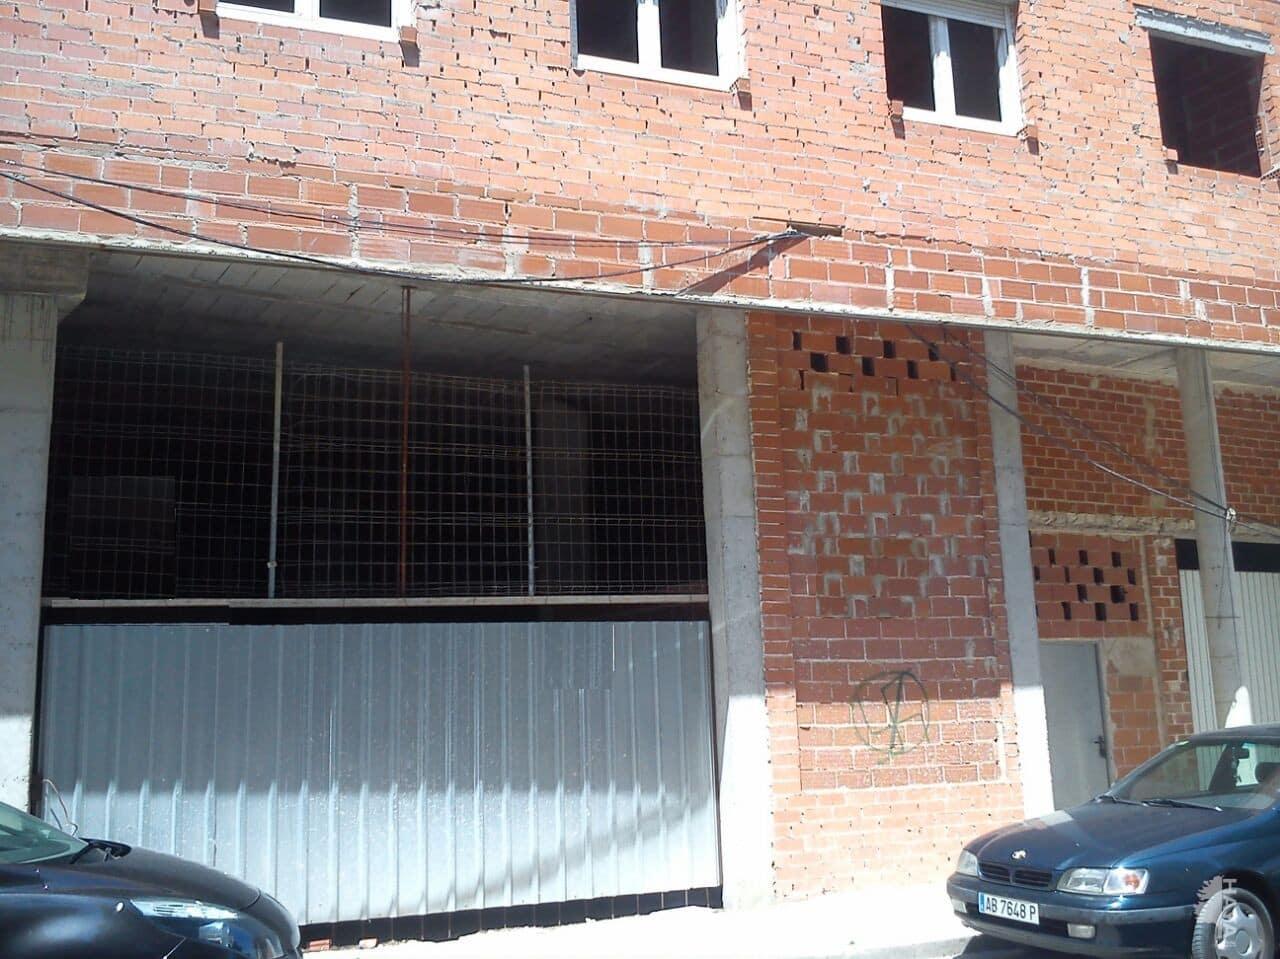 Piso en venta en La Roda, la Roda, Albacete, Calle Juan Garcia Glz, 37.300 €, 1 habitación, 1 baño, 102 m2